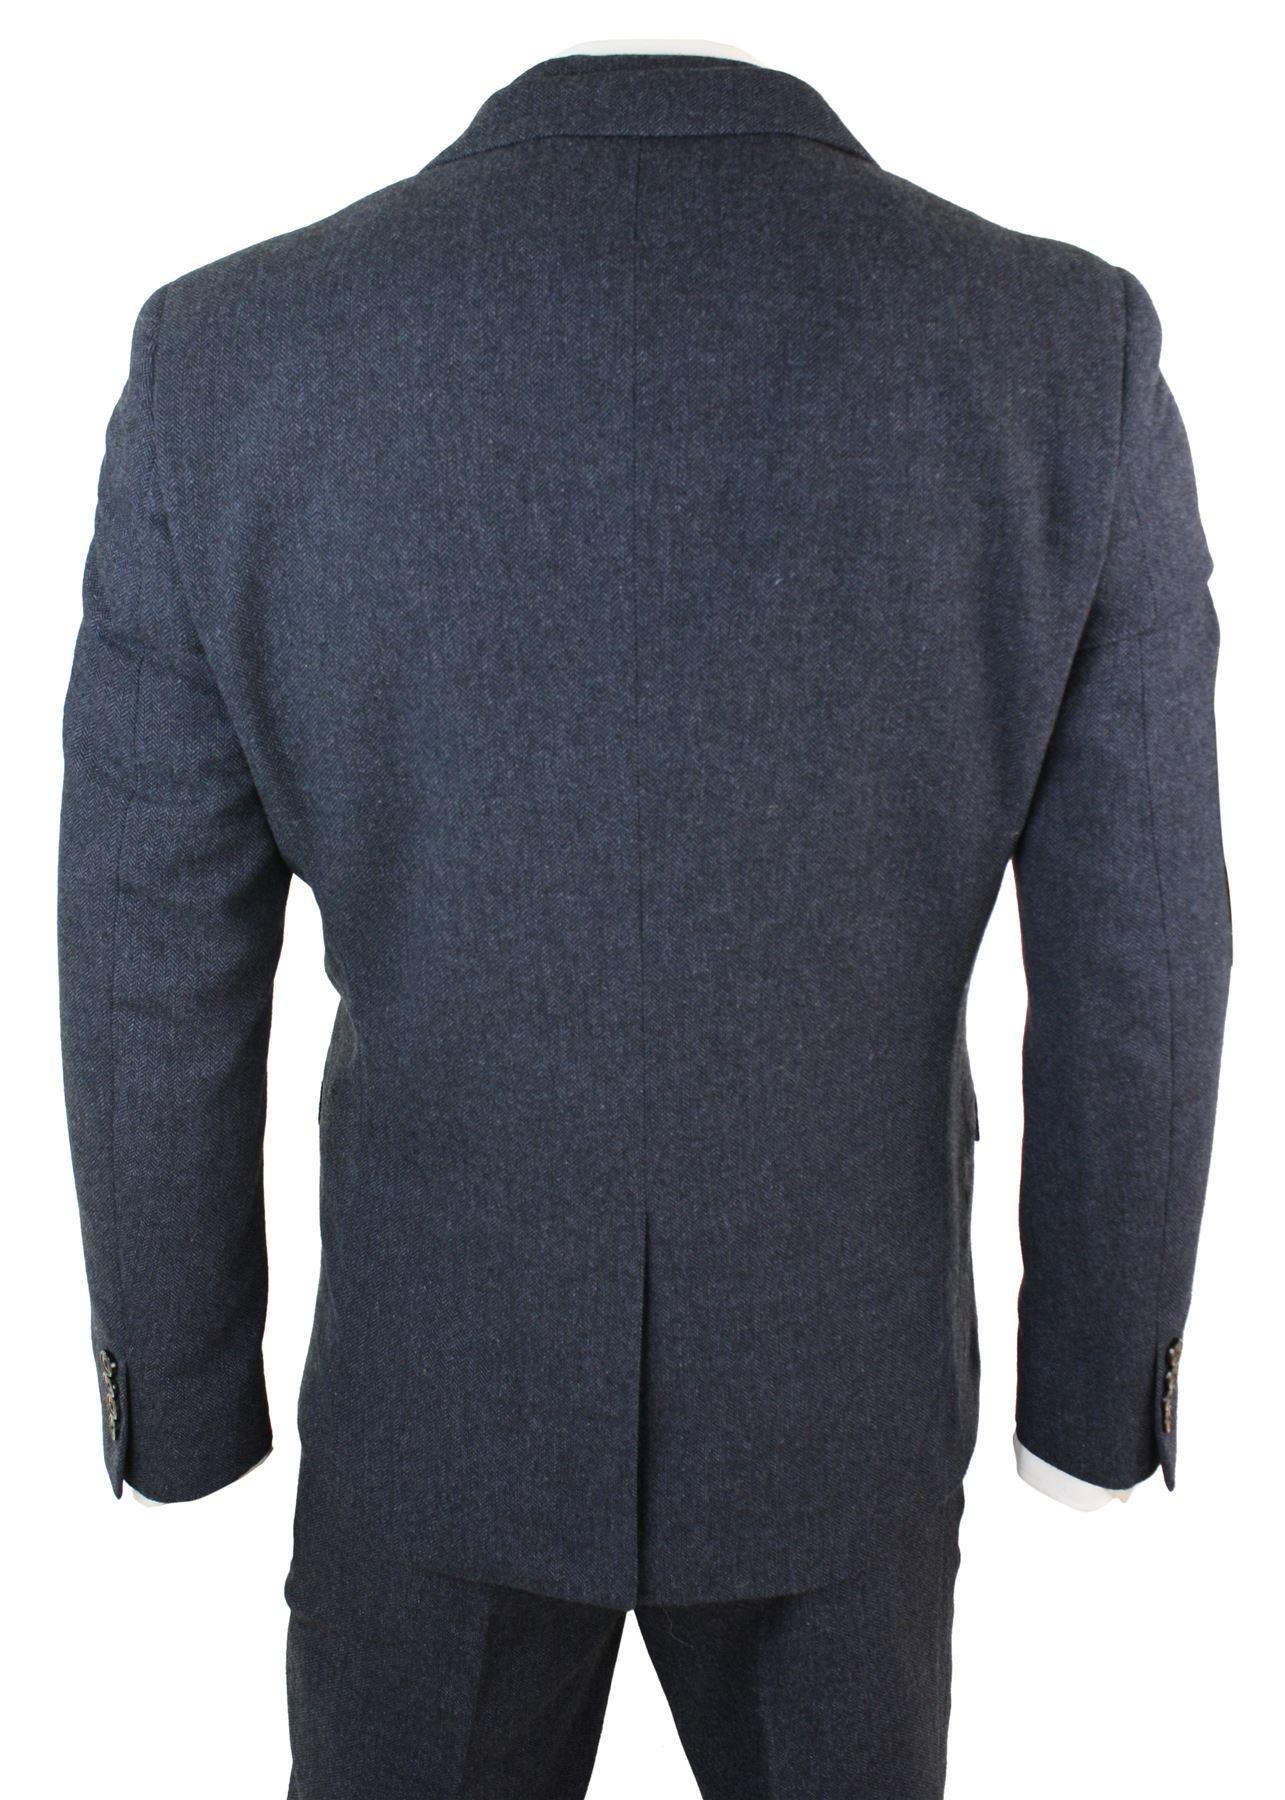 Costume 3 pièces homme tweed à chevrons laine mélangée bleu marron ... cc4439ca6e0